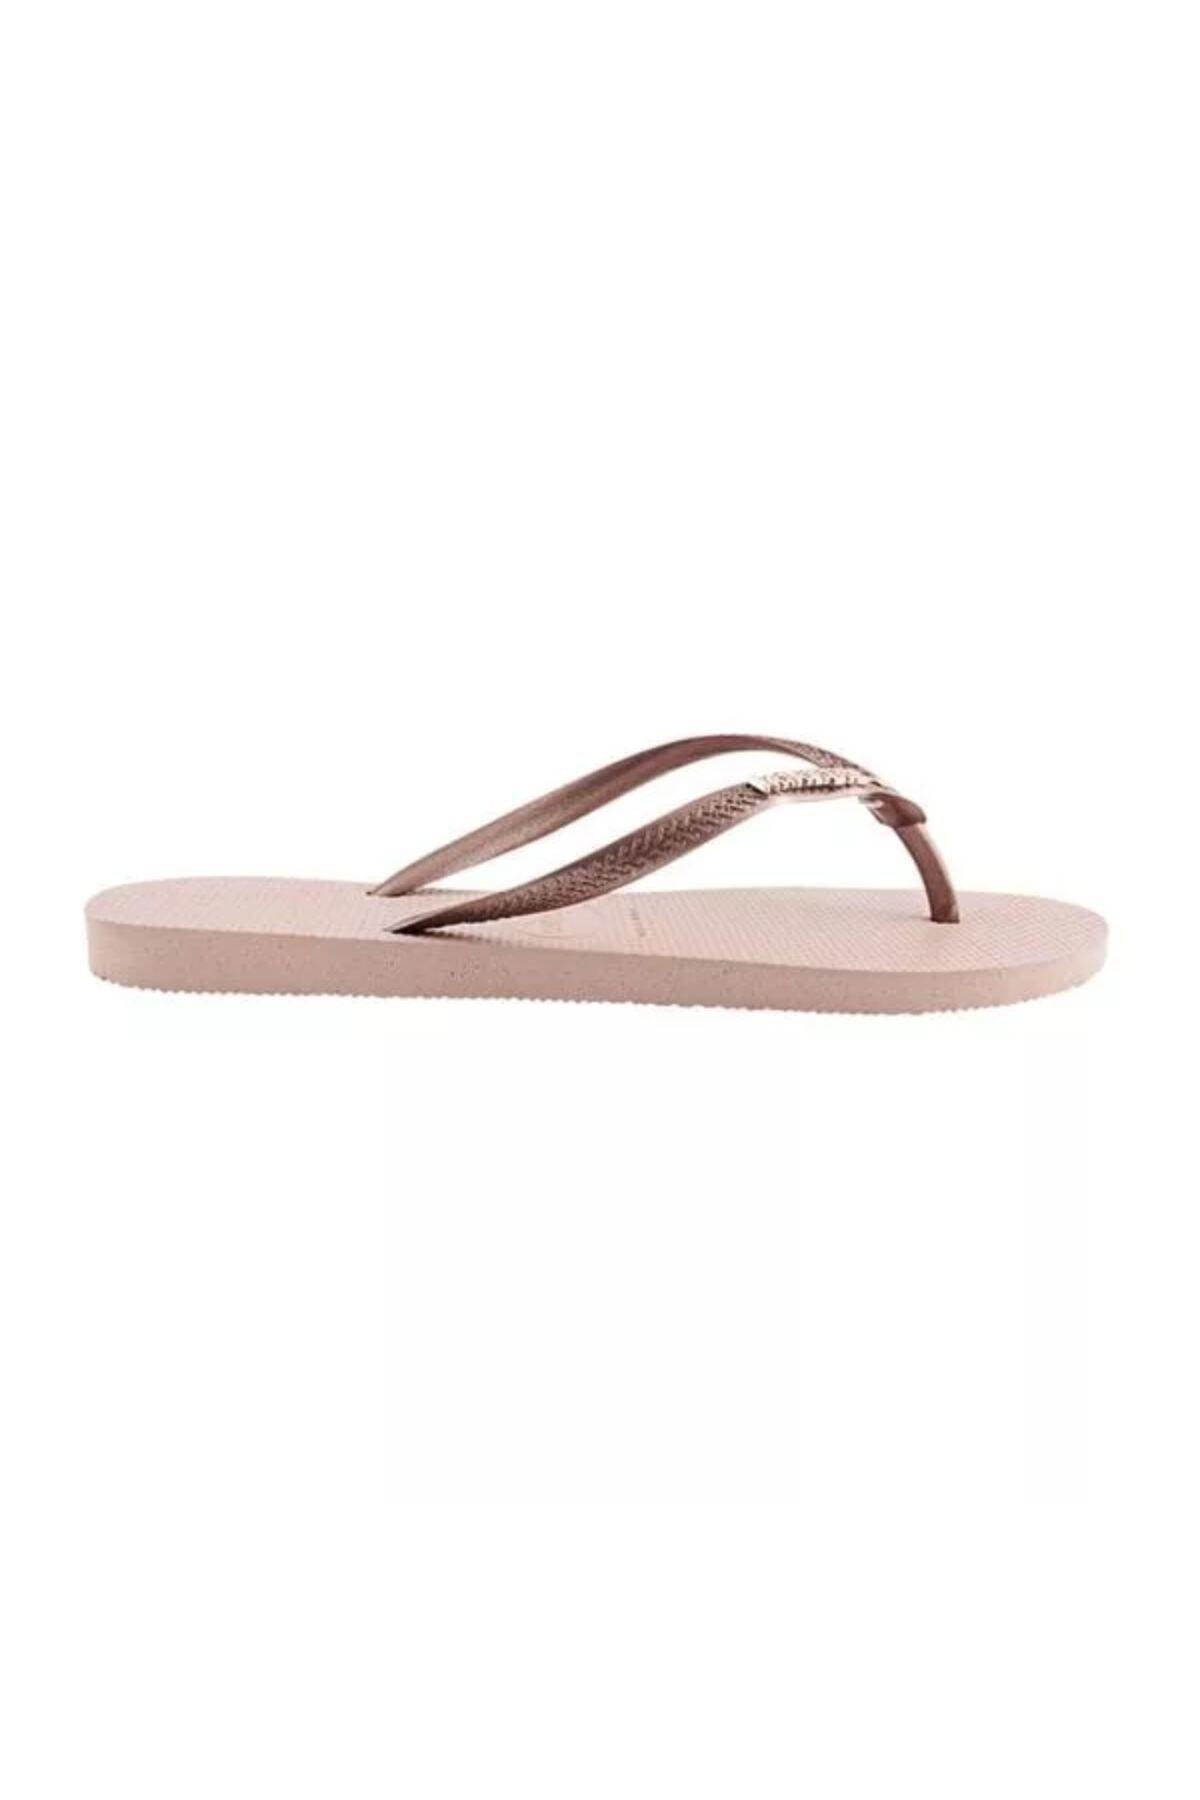 Havaianas Bakır Kadın Sandalet 4129769-0076 1